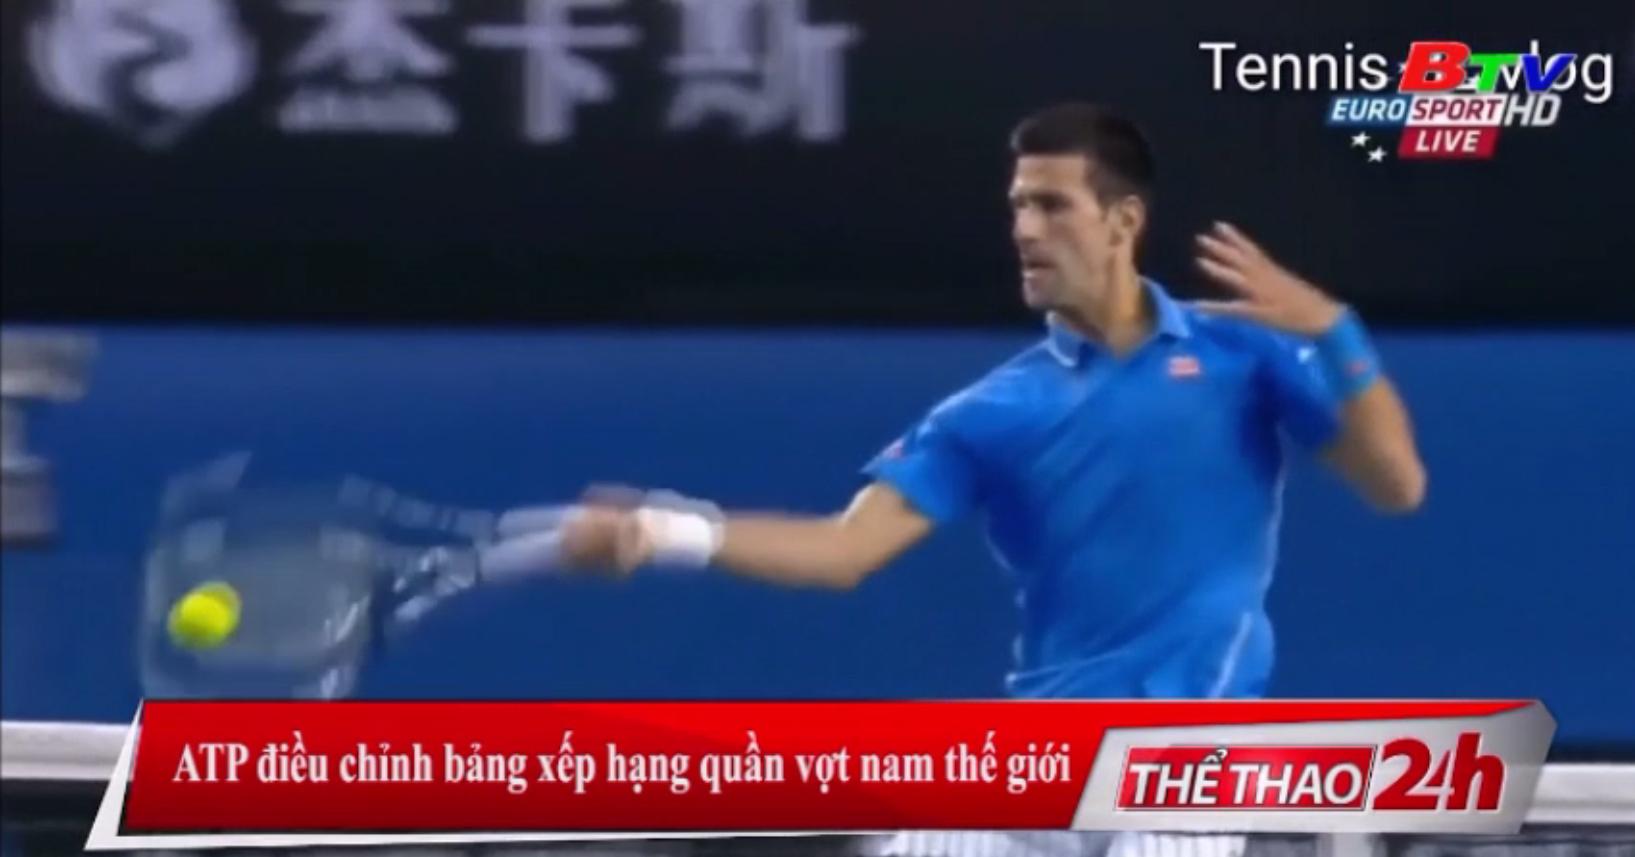 ATP điều chỉnh bảng xếp hạng quần vợt nam thế giới